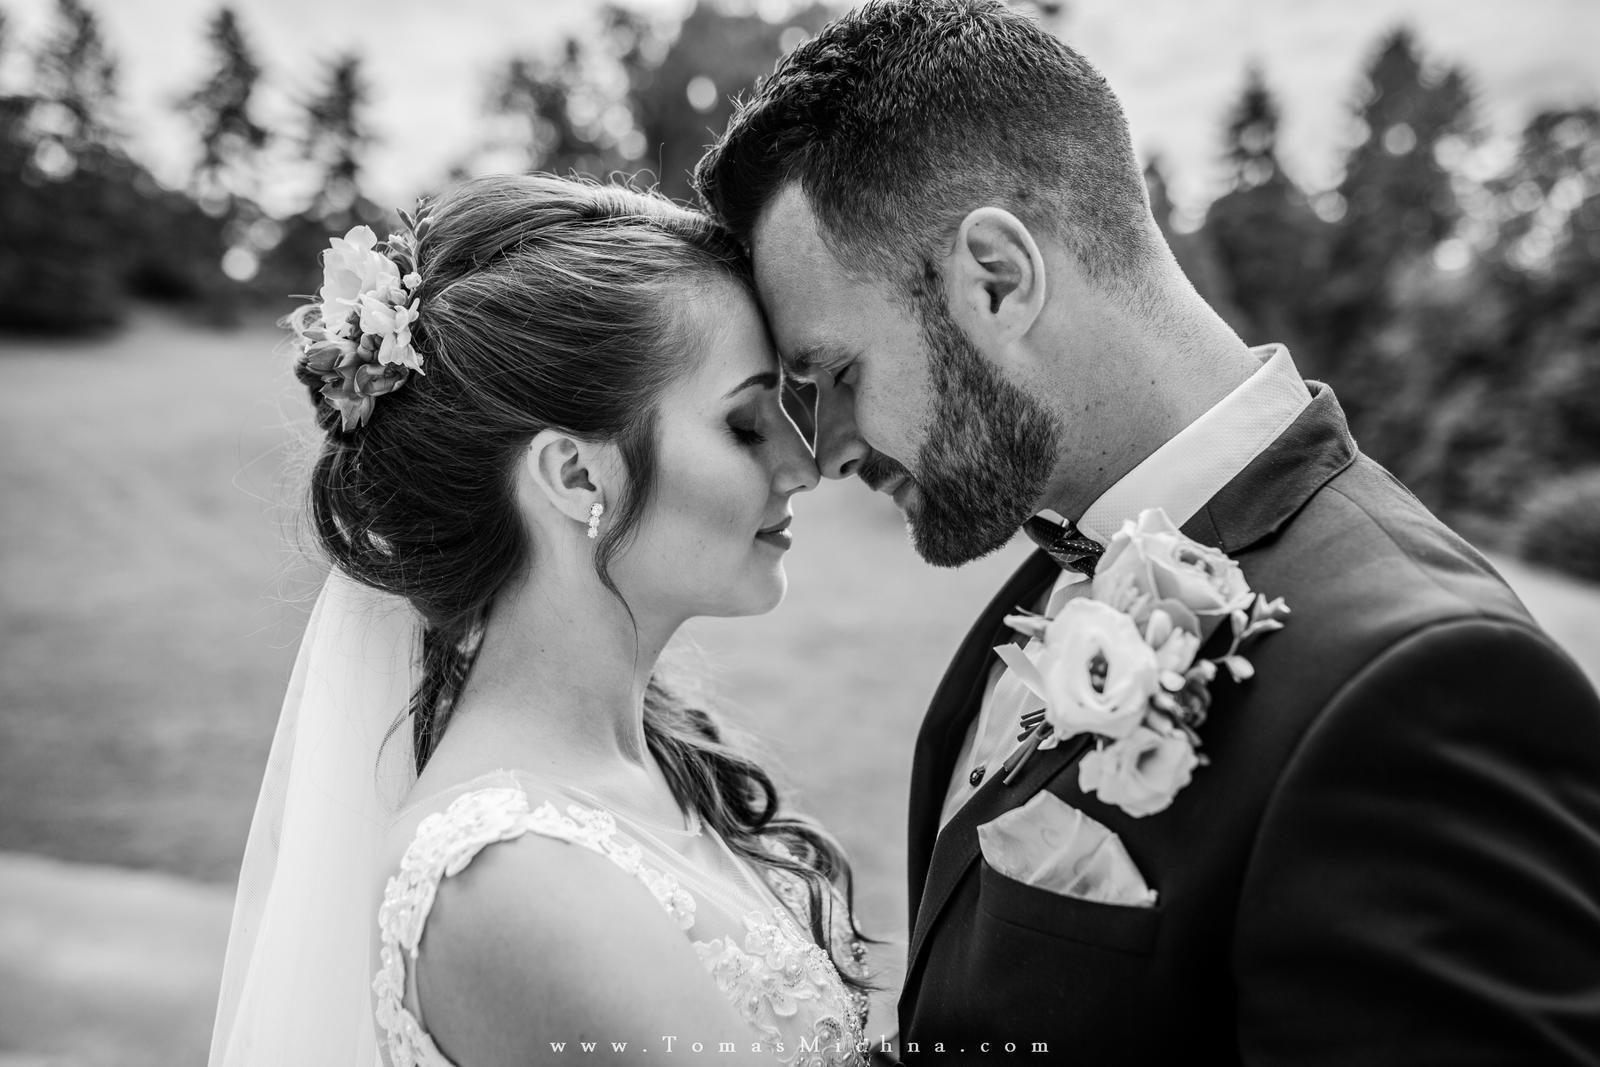 ♥ Michal & Nikola ♥ 17.8.2019 - Obrázek č. 1